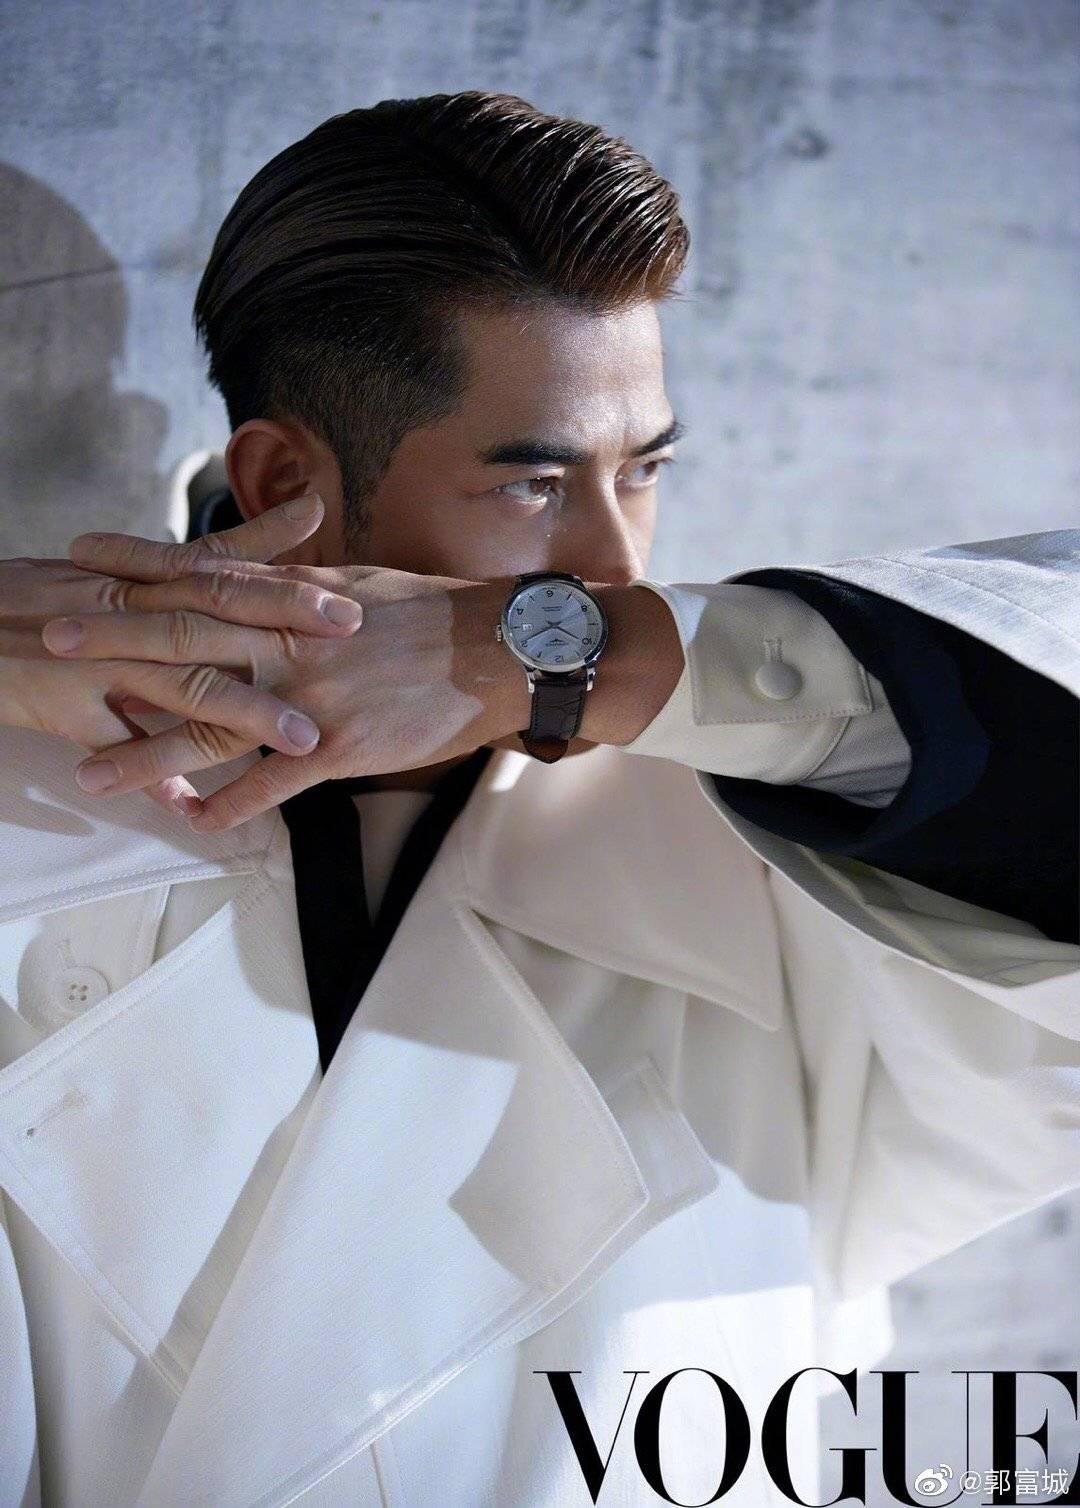 郭富城有多时尚?衣品不俗的他,放今天能也跻身21世纪偶像